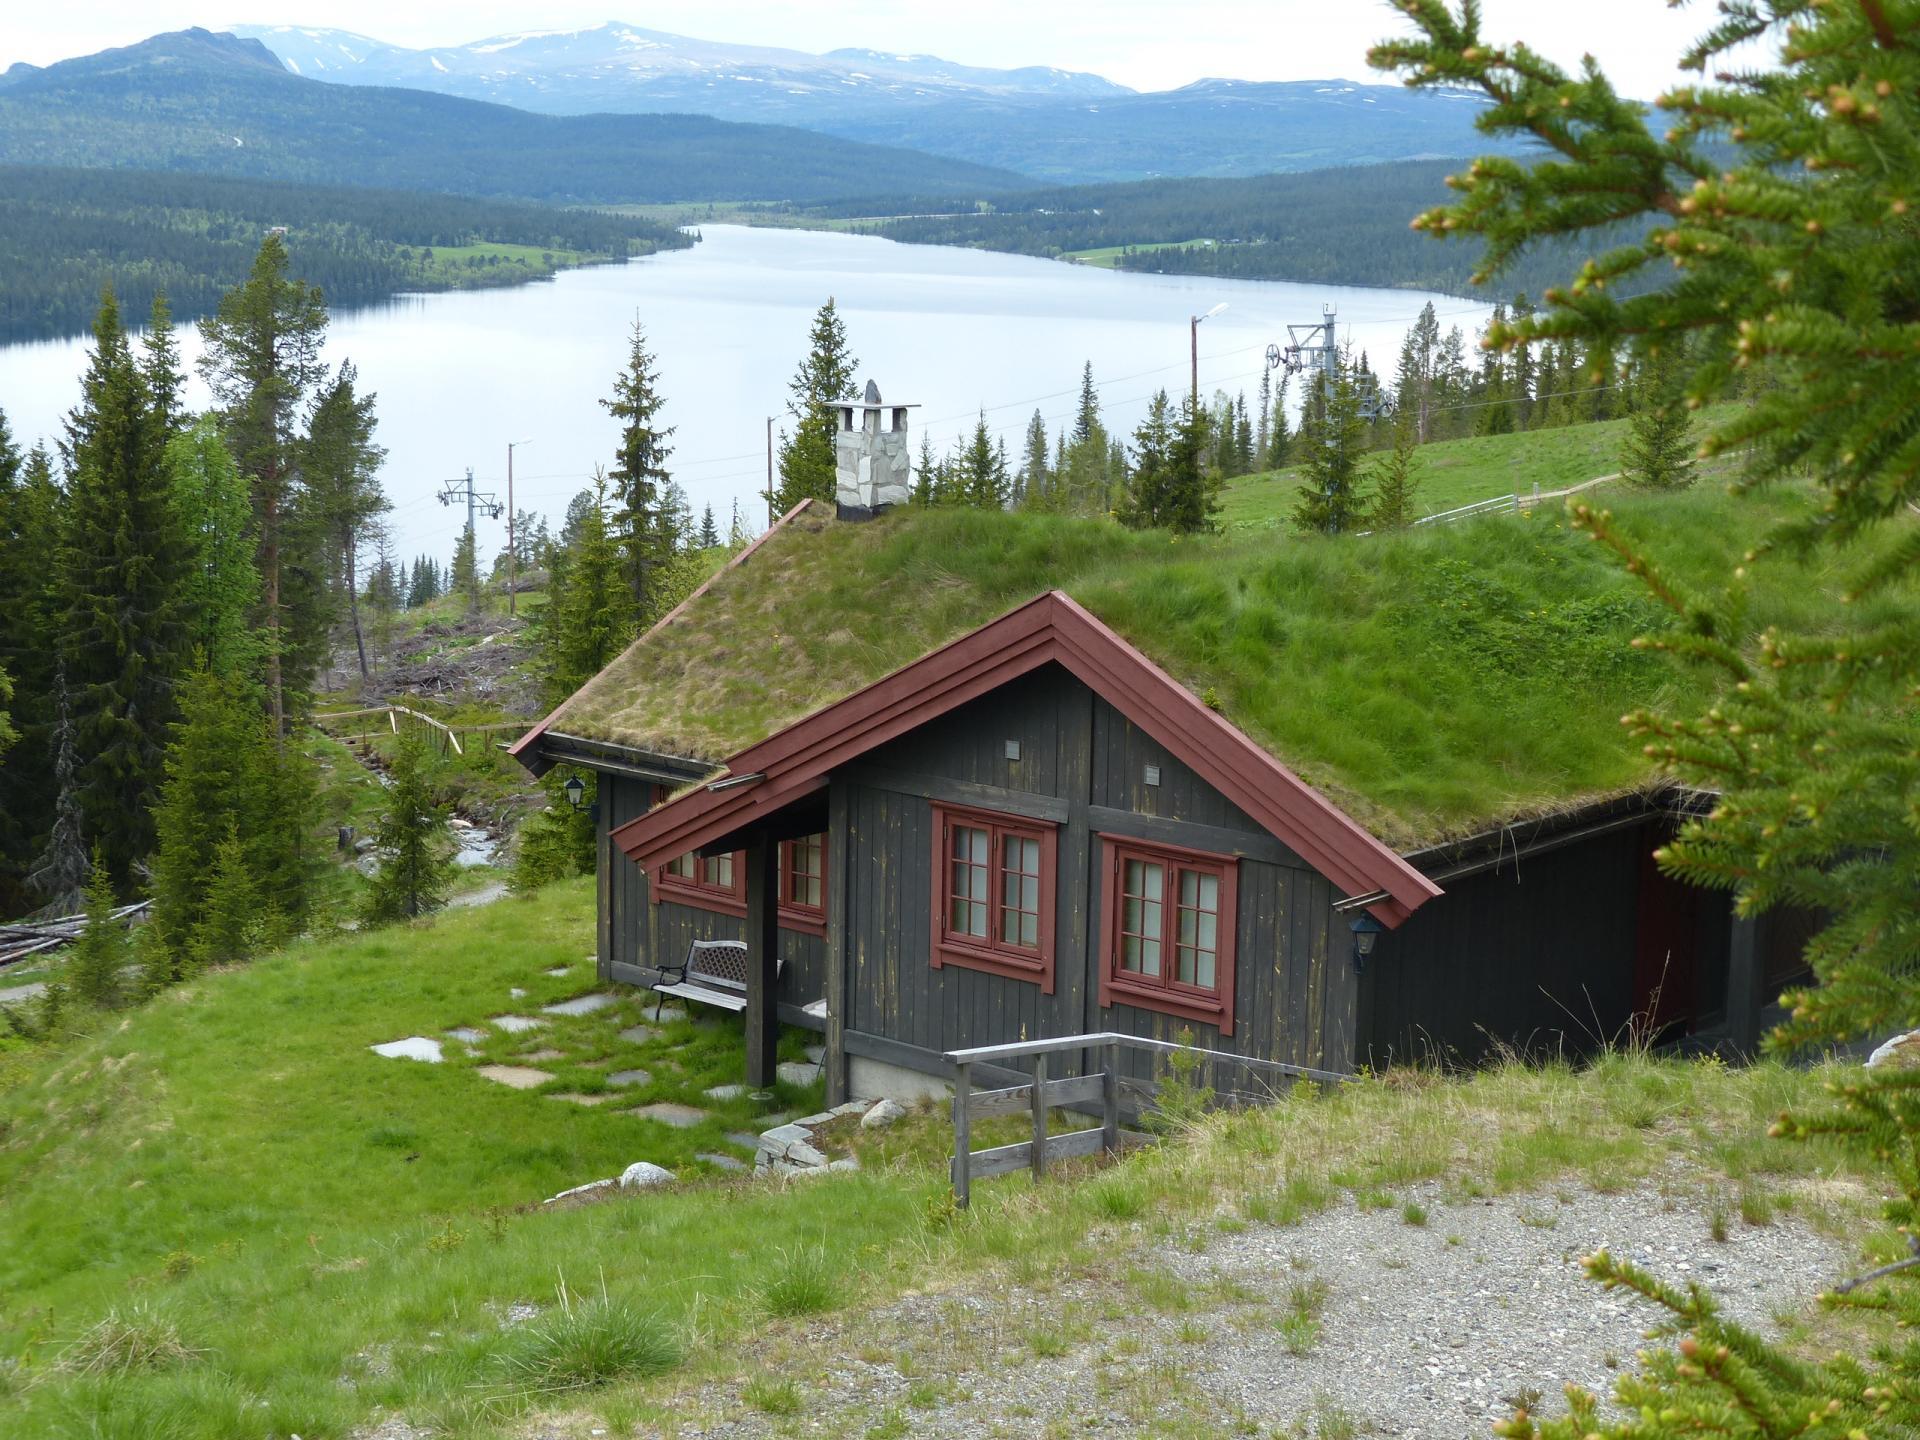 07 autres maisons typiques aux toits vegetalises